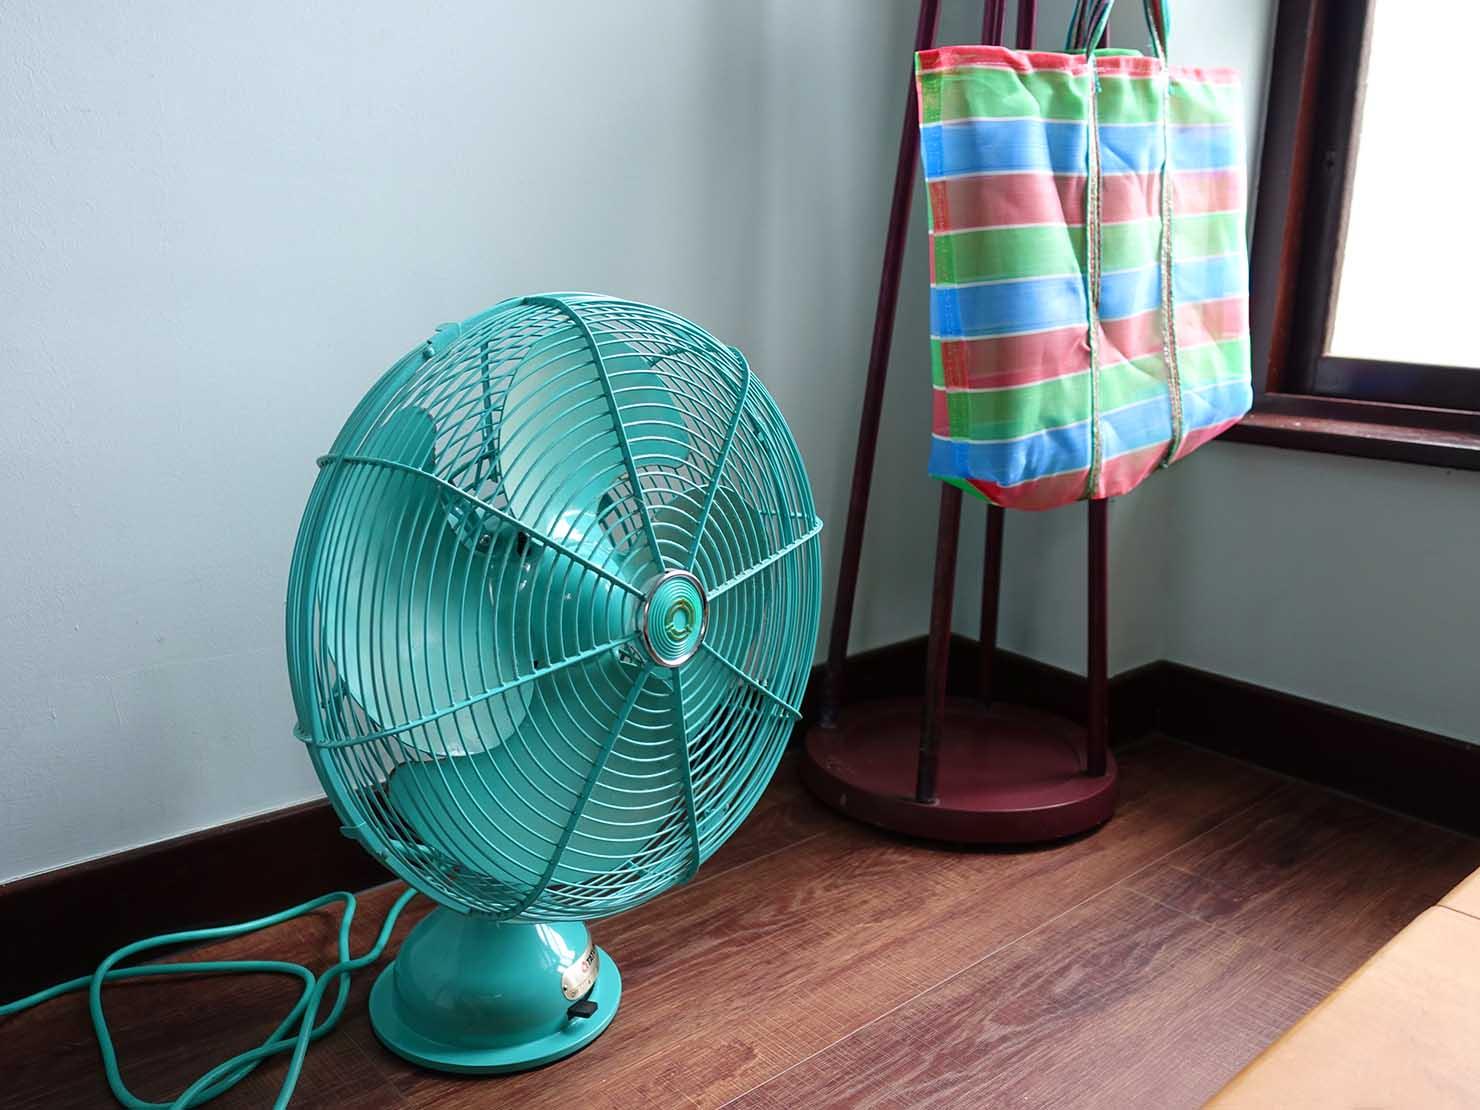 台南観光におすすめな古民家ゲストハウス「散步strolling」參號房(ダブルルーム)の扇風機と3色ナイロンバッグ